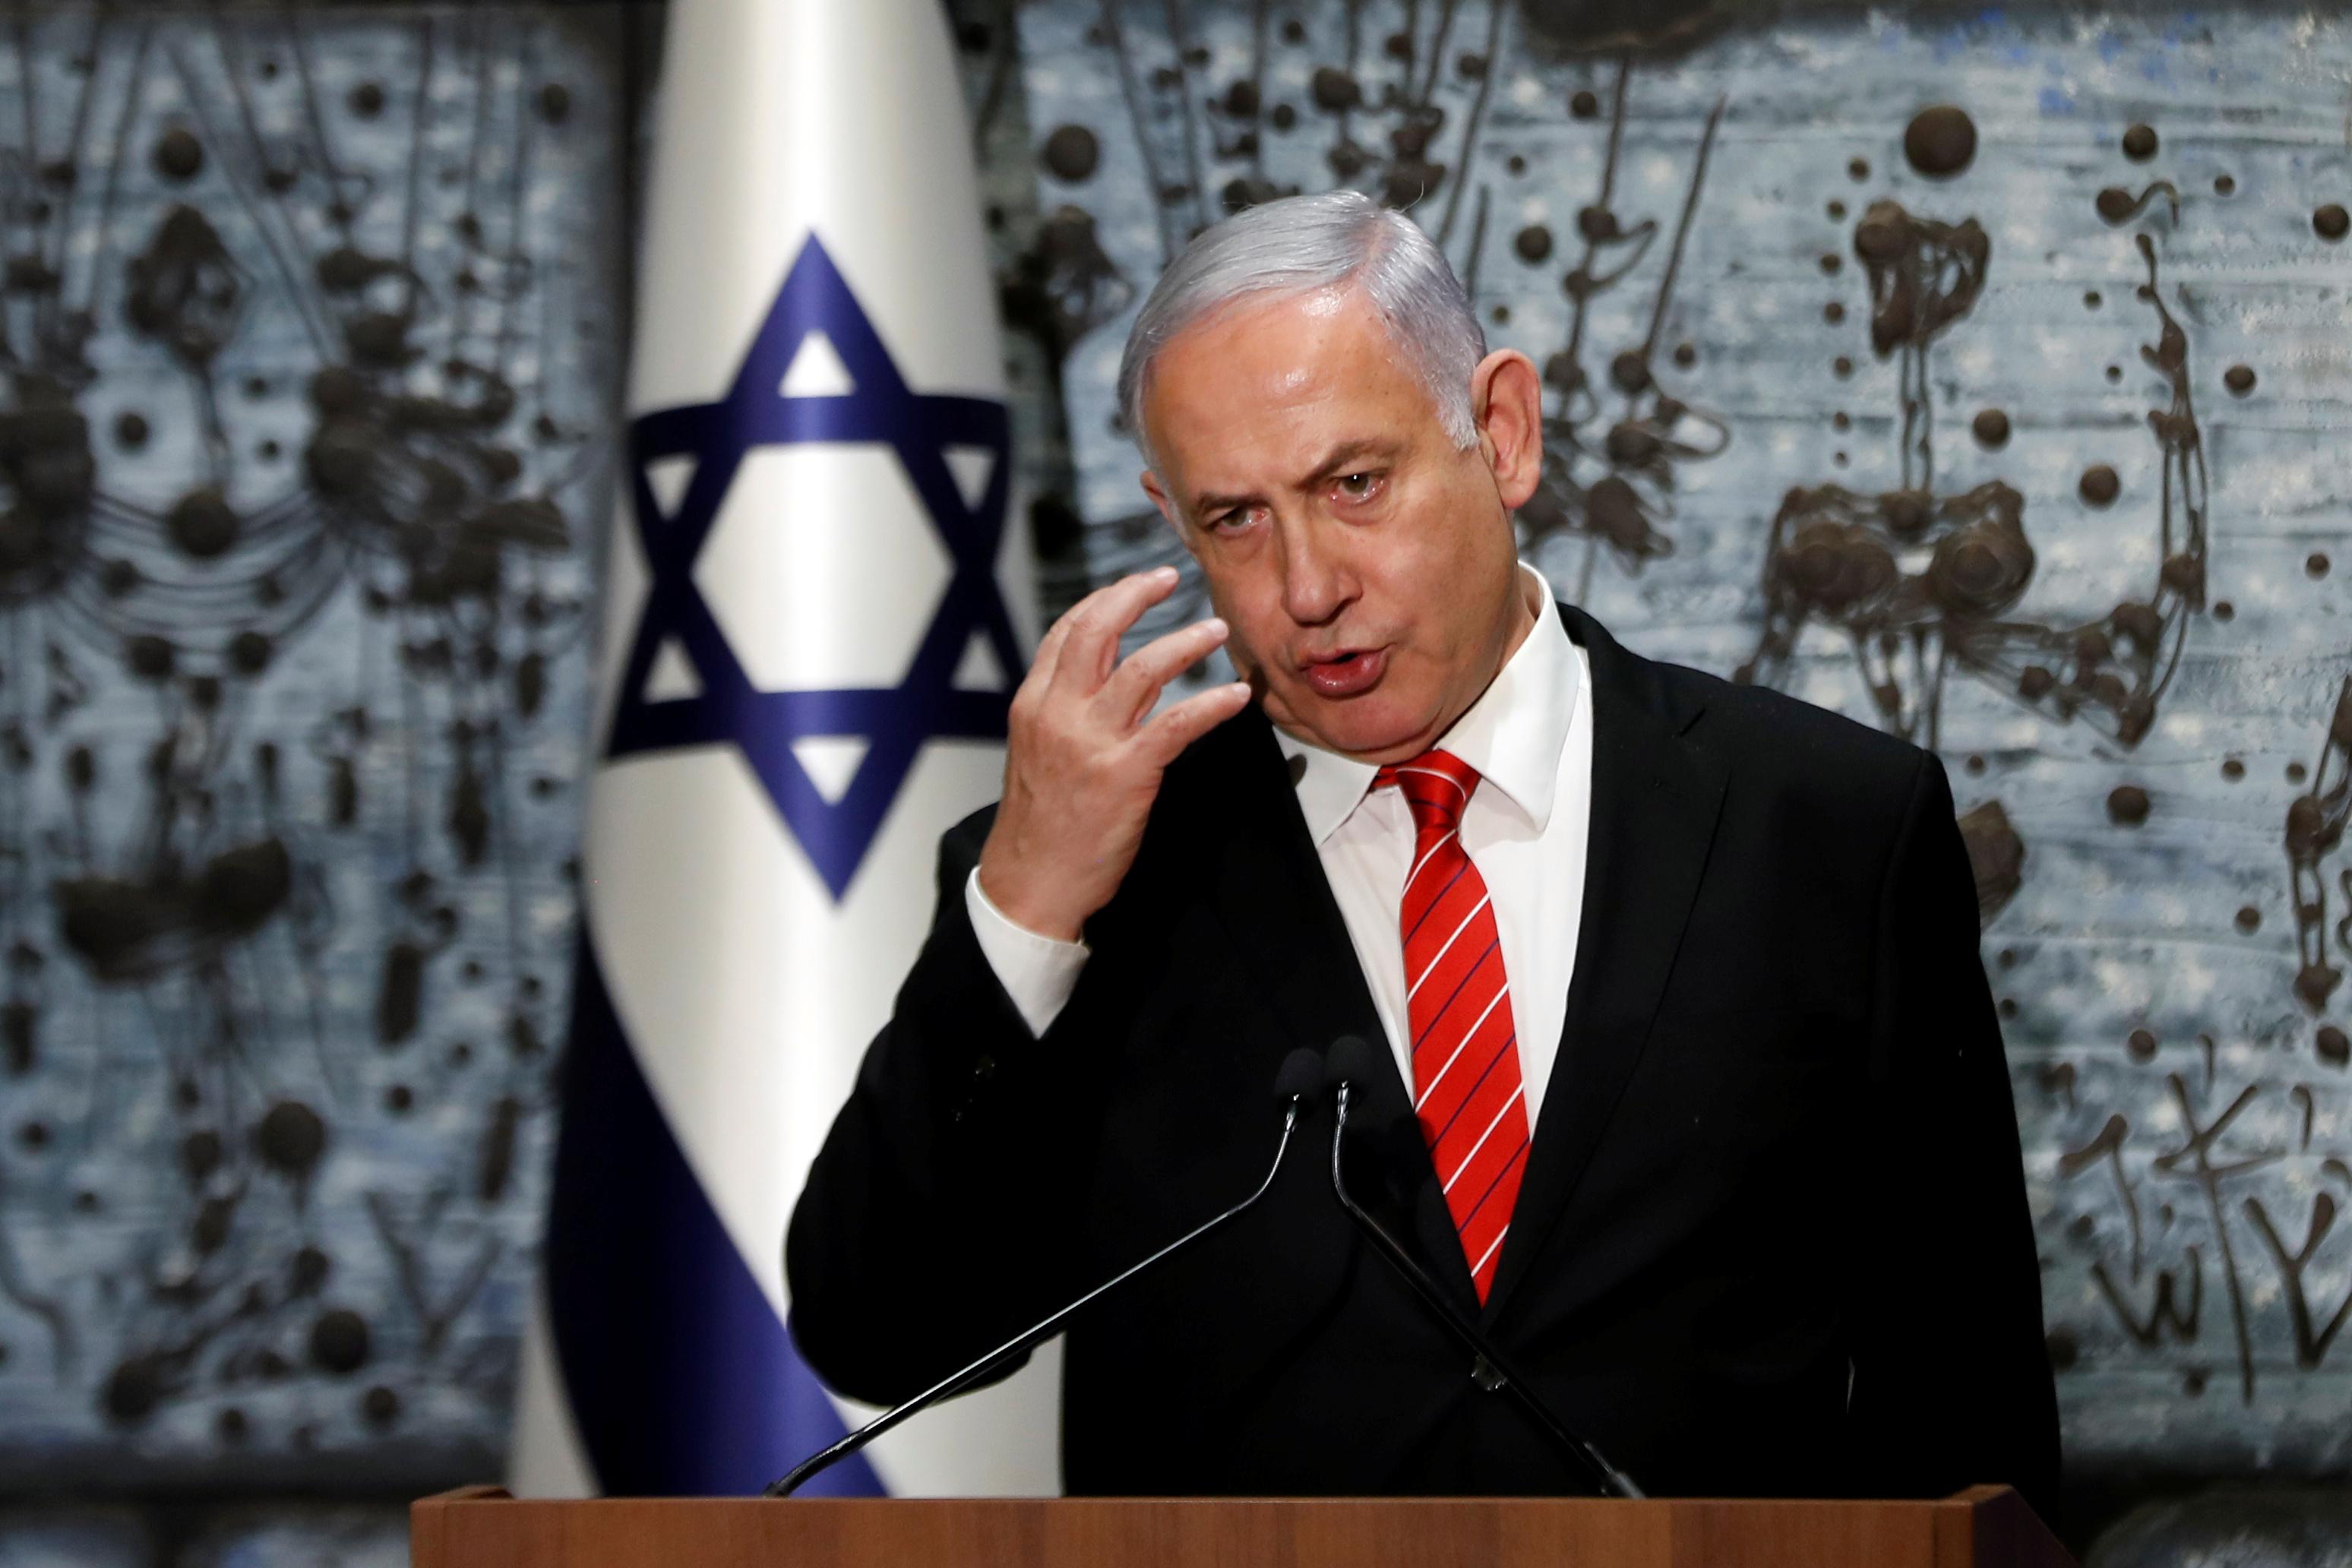 Ισραήλ: Ενώπιον του δικαστηρίου και πάλι ο Νετανιάχου – Αντιμέτωπος με κατηγορίες για διαφθορά